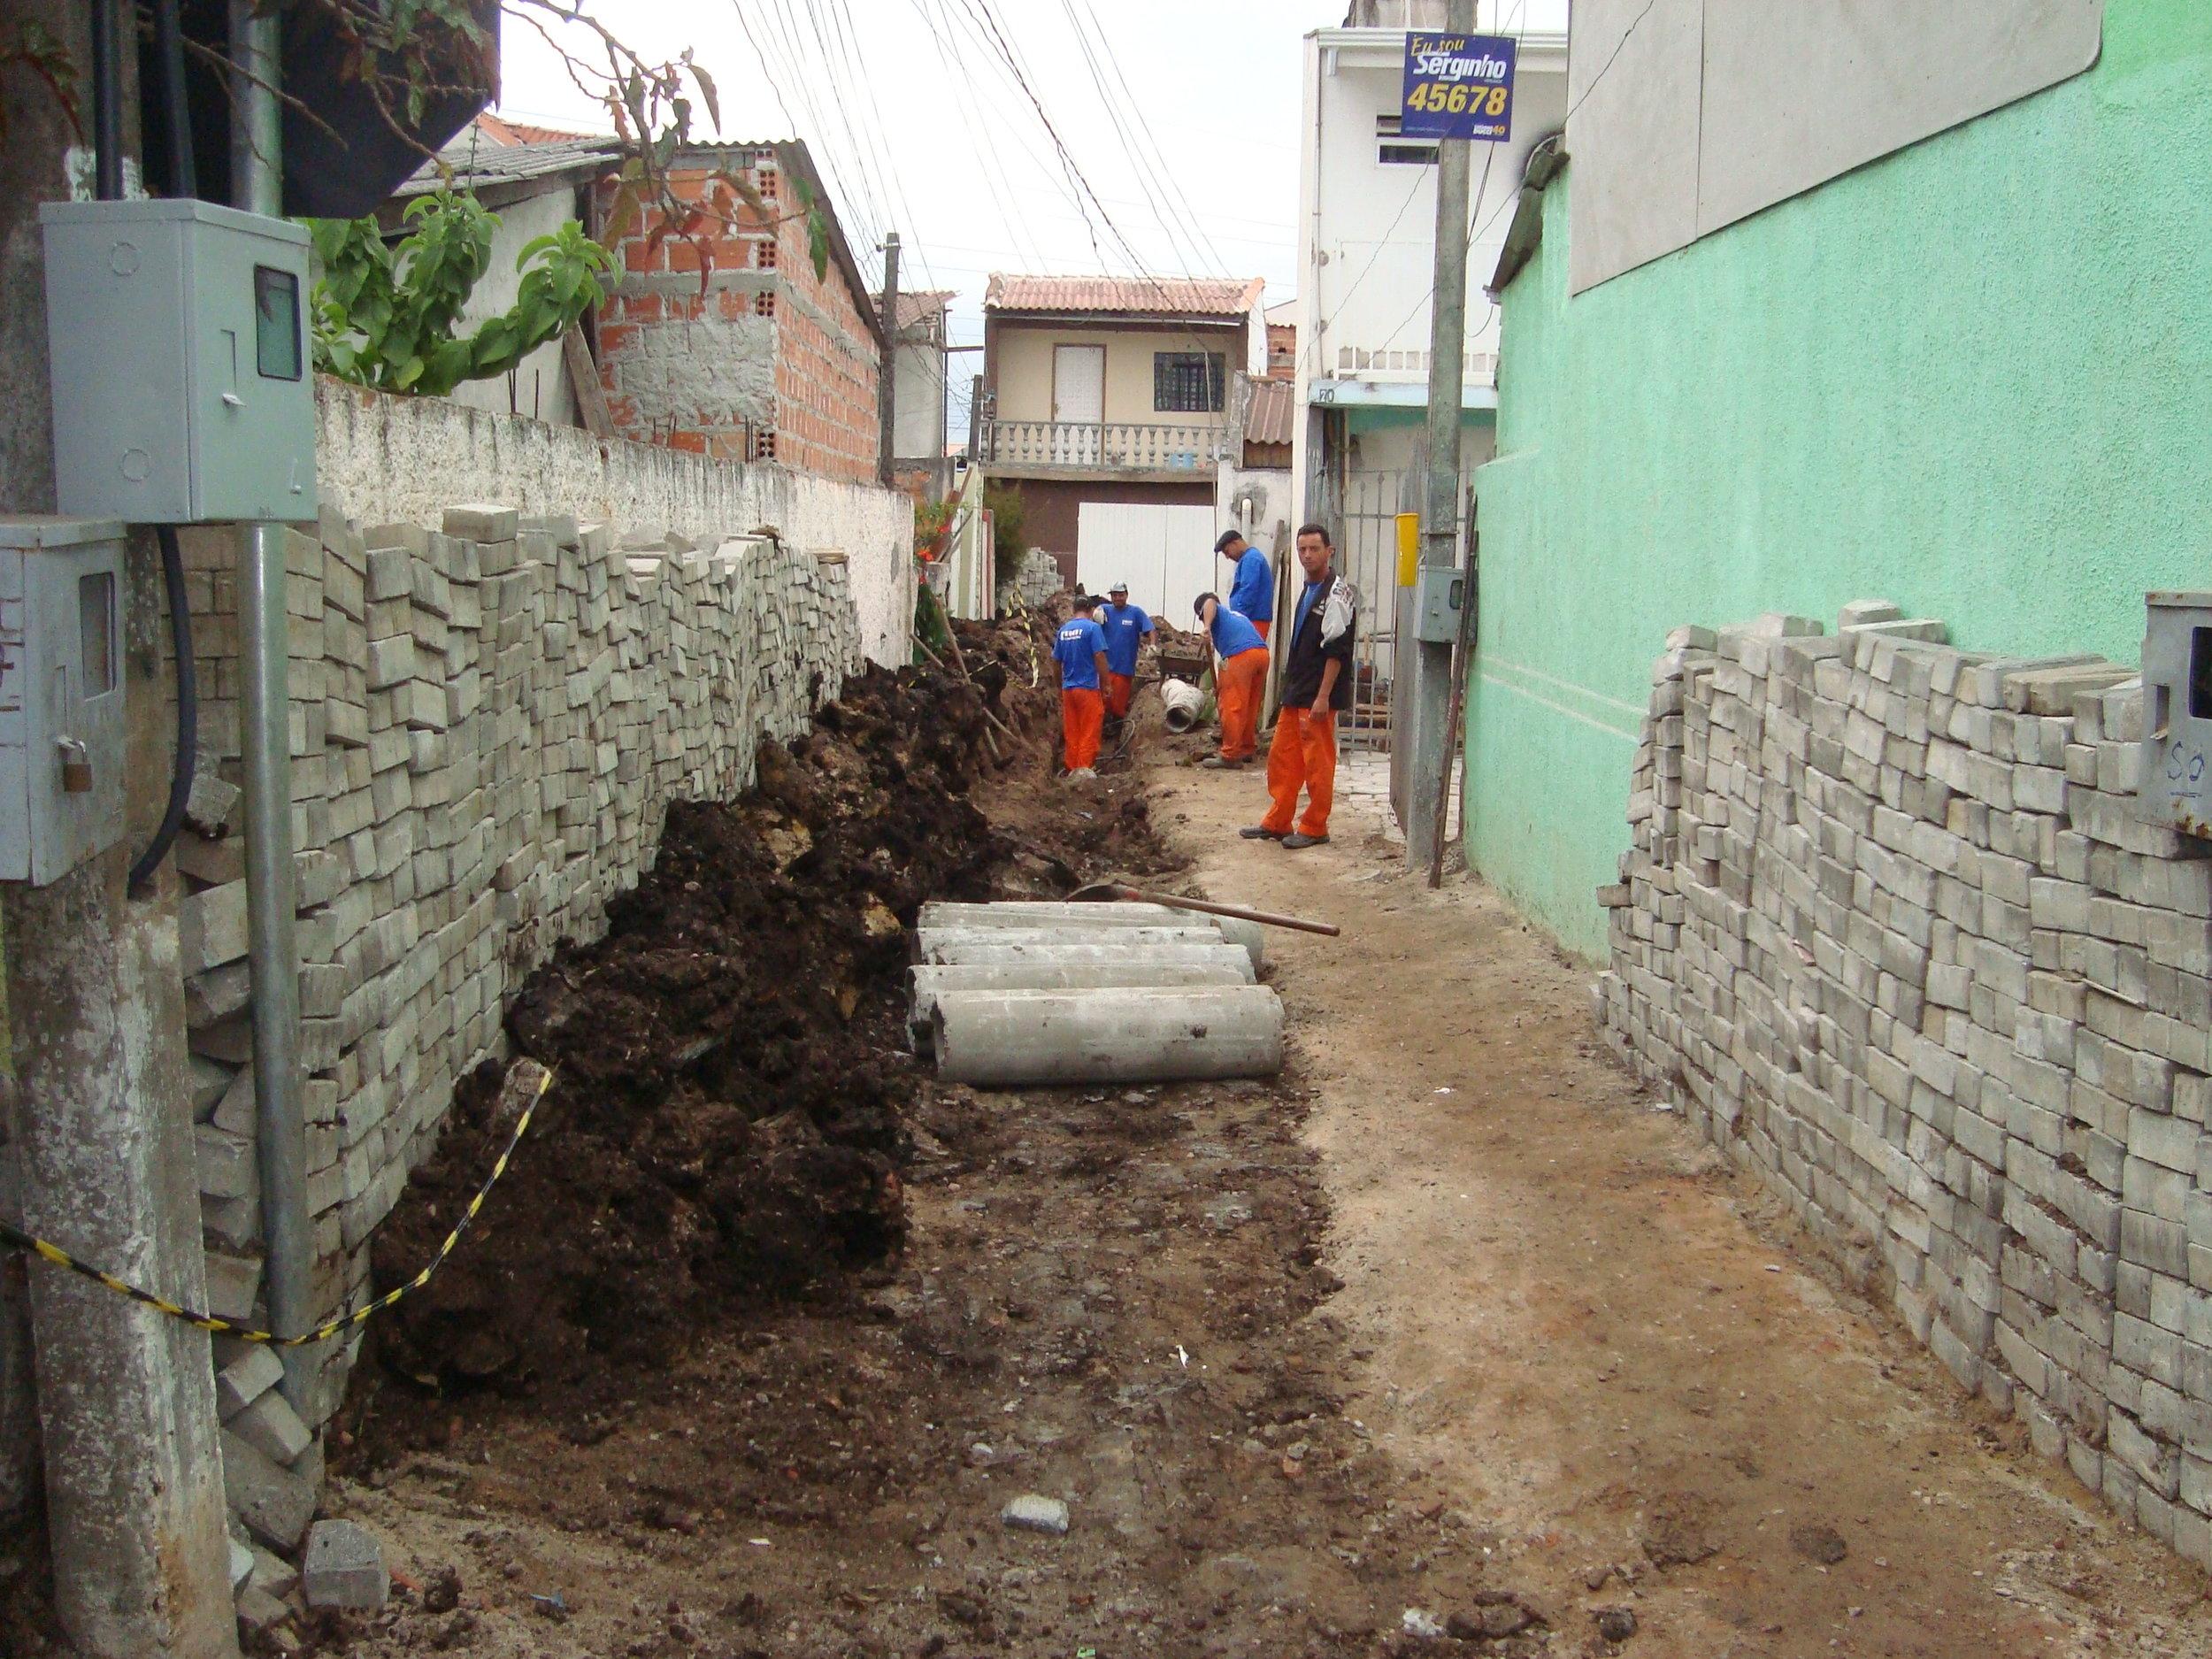 Drenagem na Rua Dr. Giocondo Villanova Artigas, São Domingos